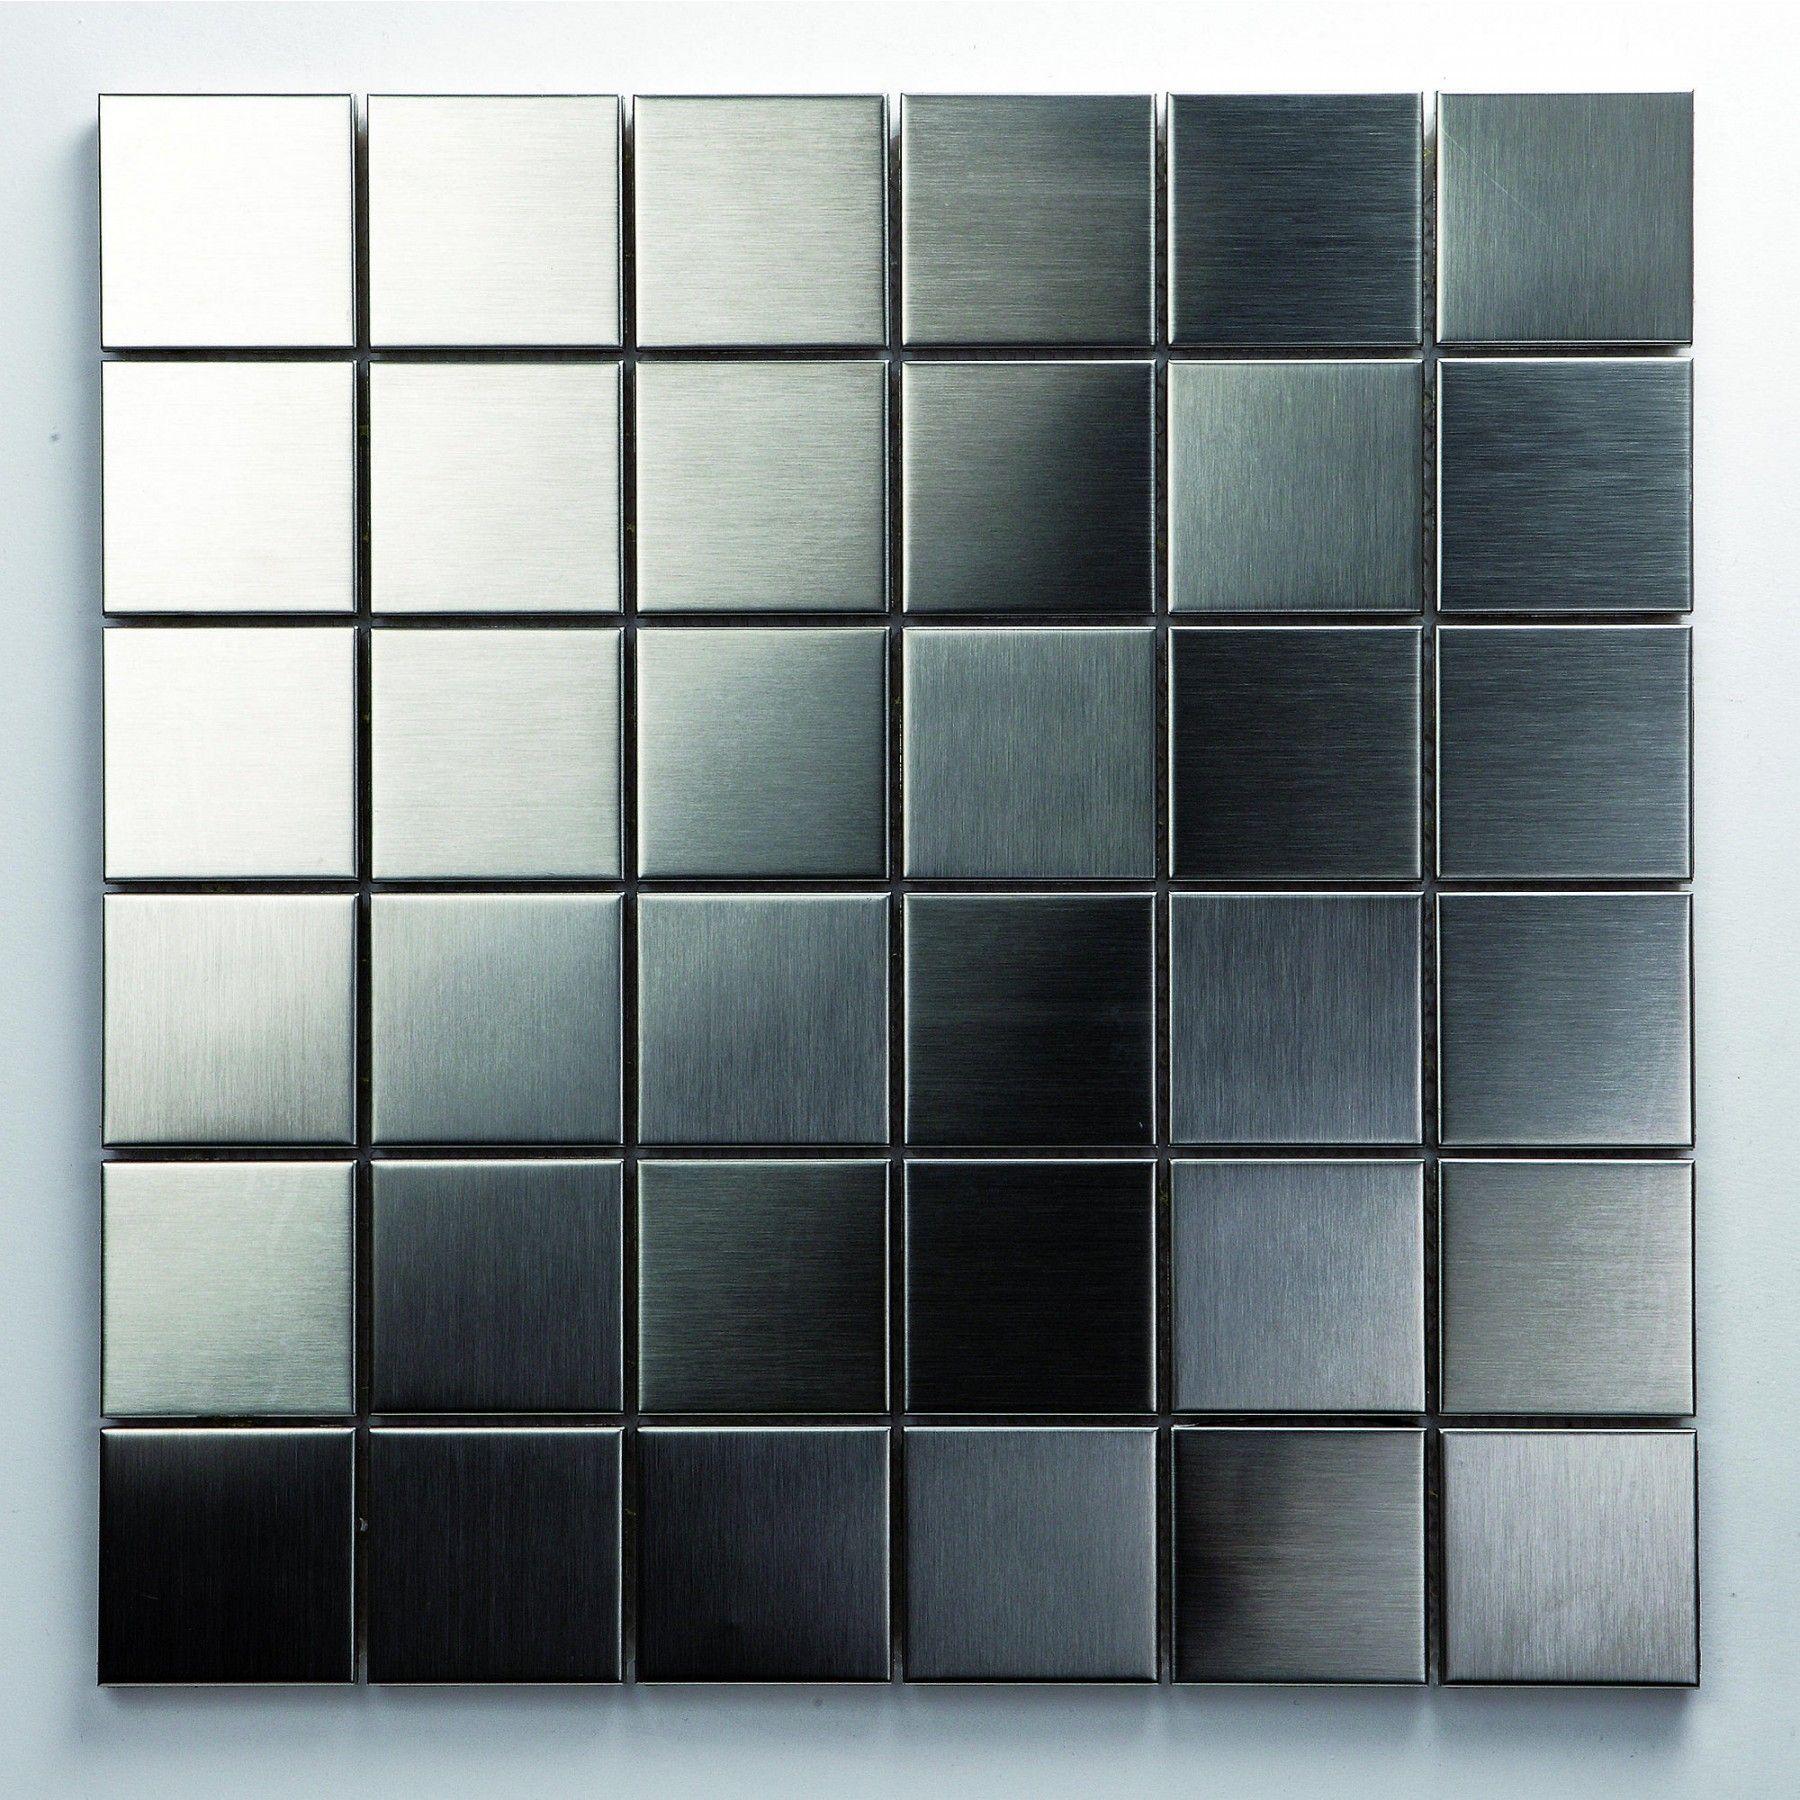 Das Aus Aluminium Gepresste Mosaik Metall Silber Ist Zwar Ein - Günstig mosaik fliesen kaufen